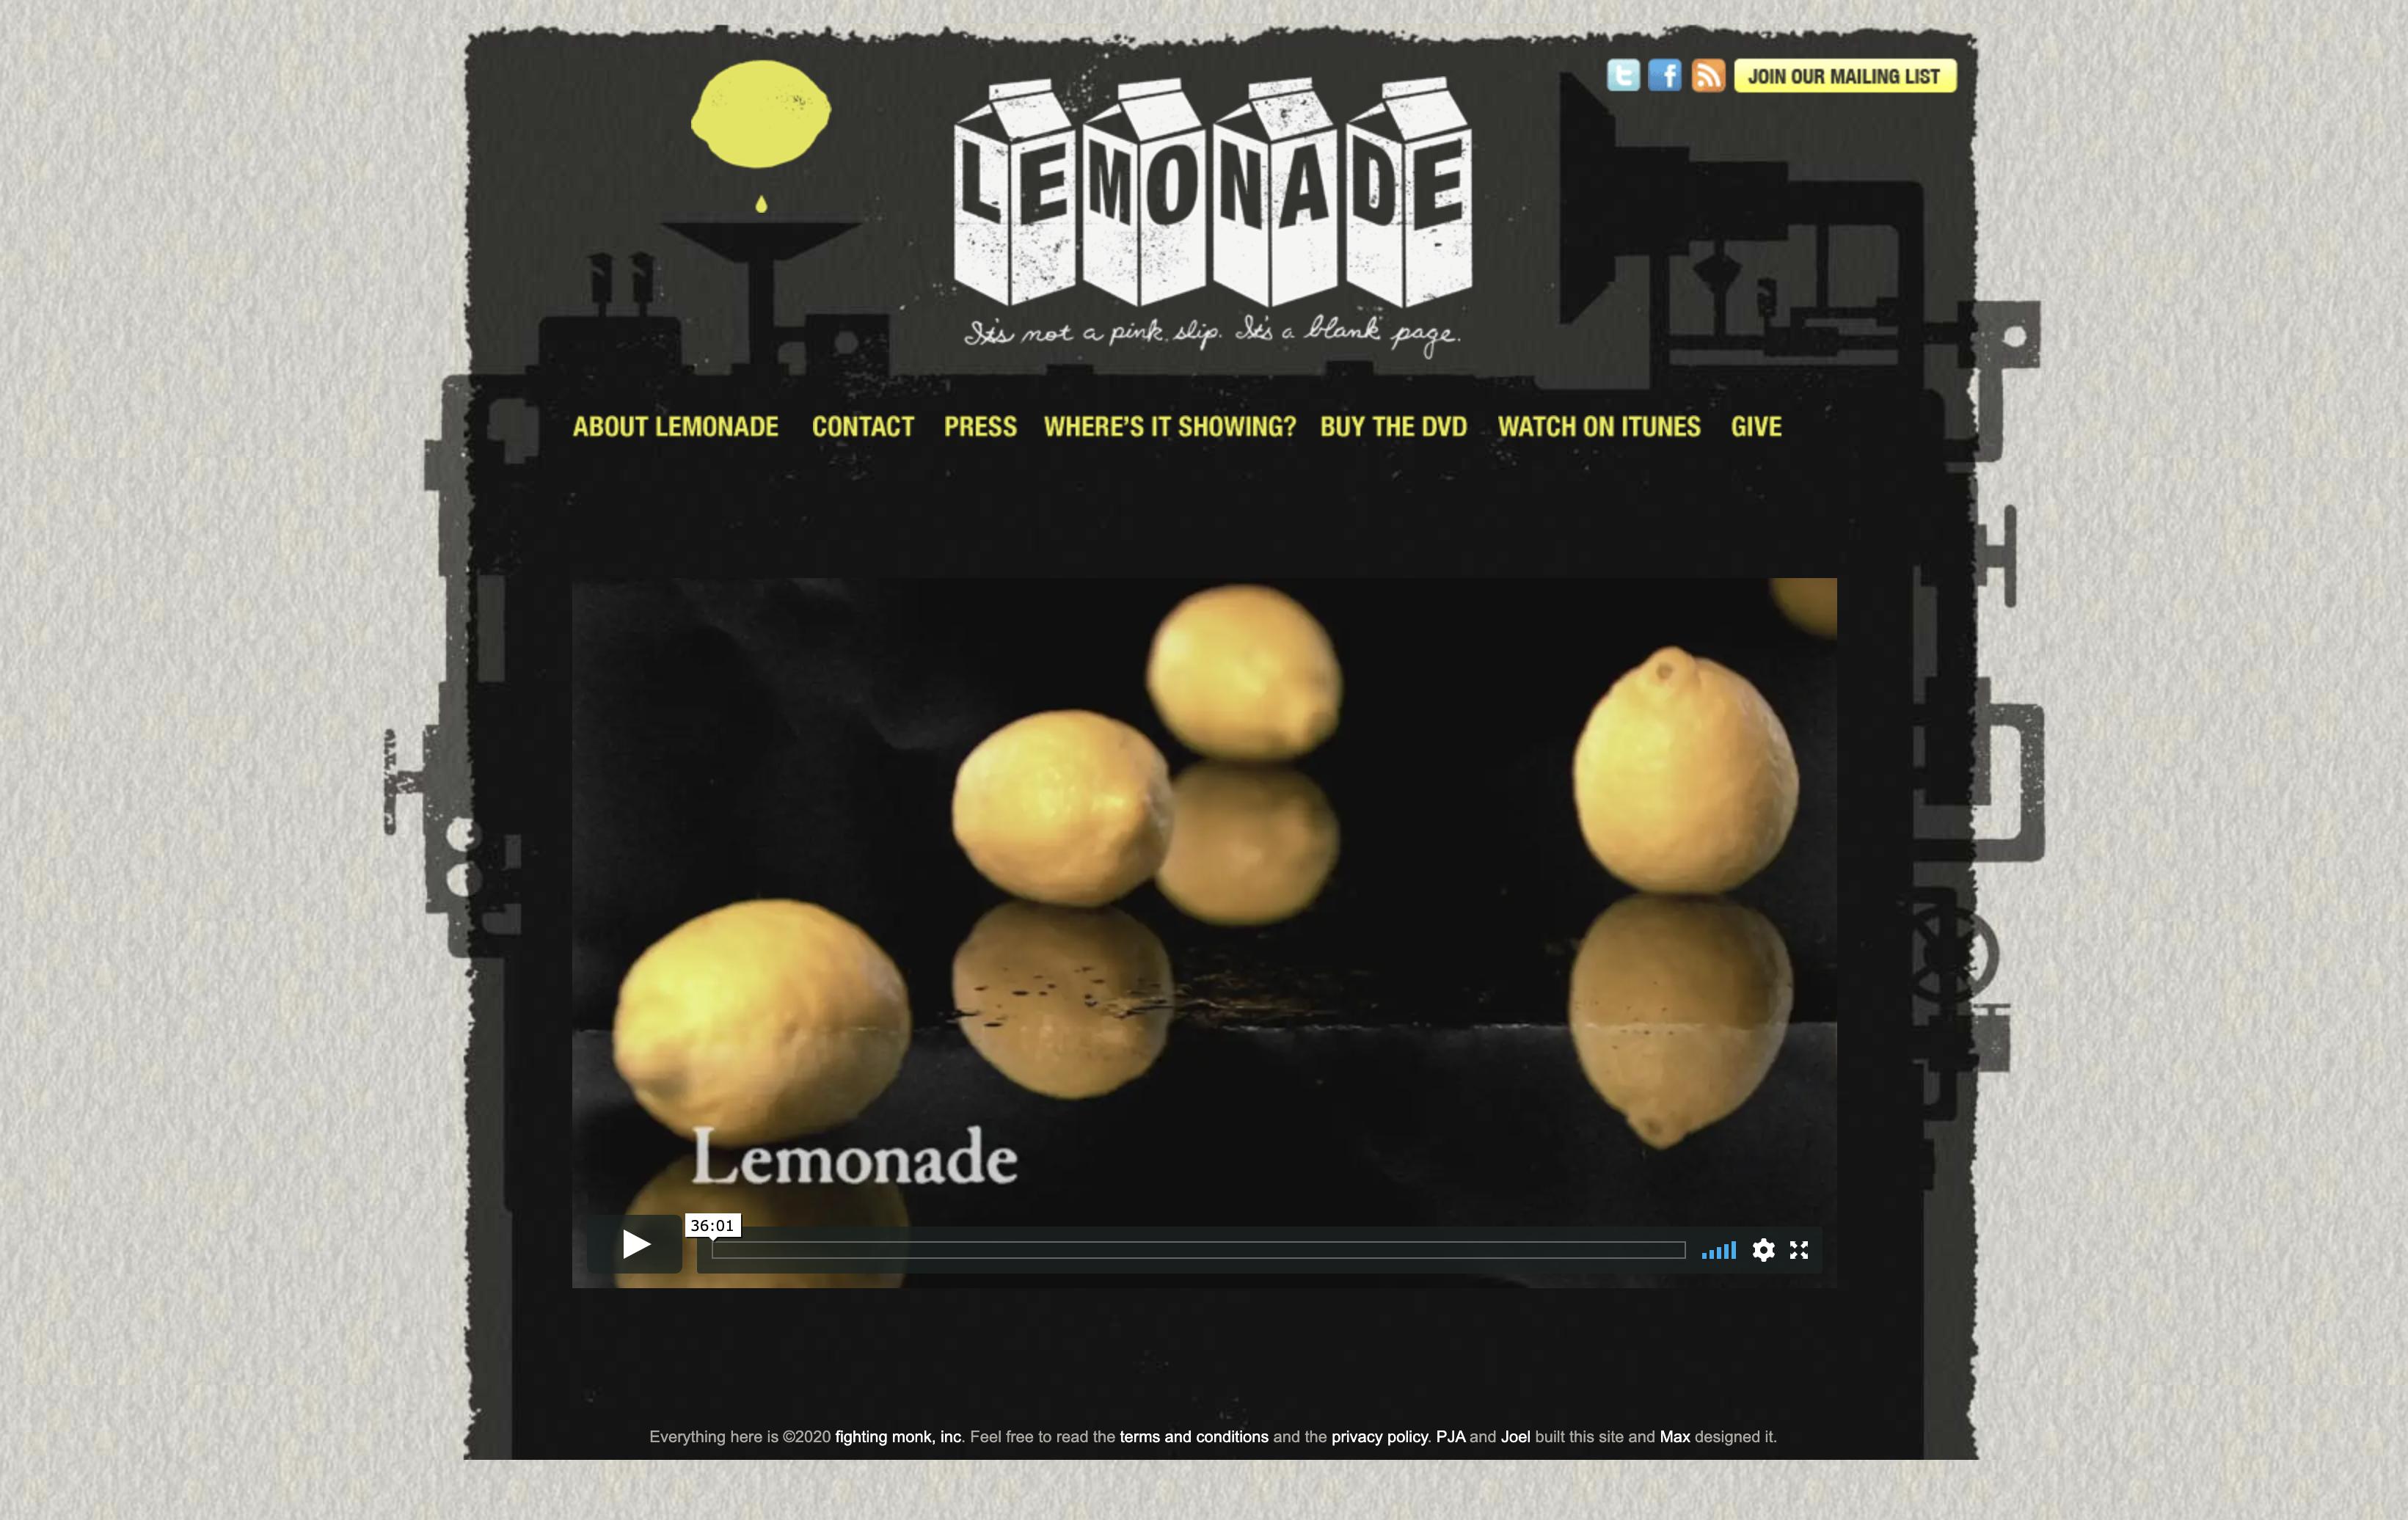 Lemonade – It's not a pink slip, It's a blank page